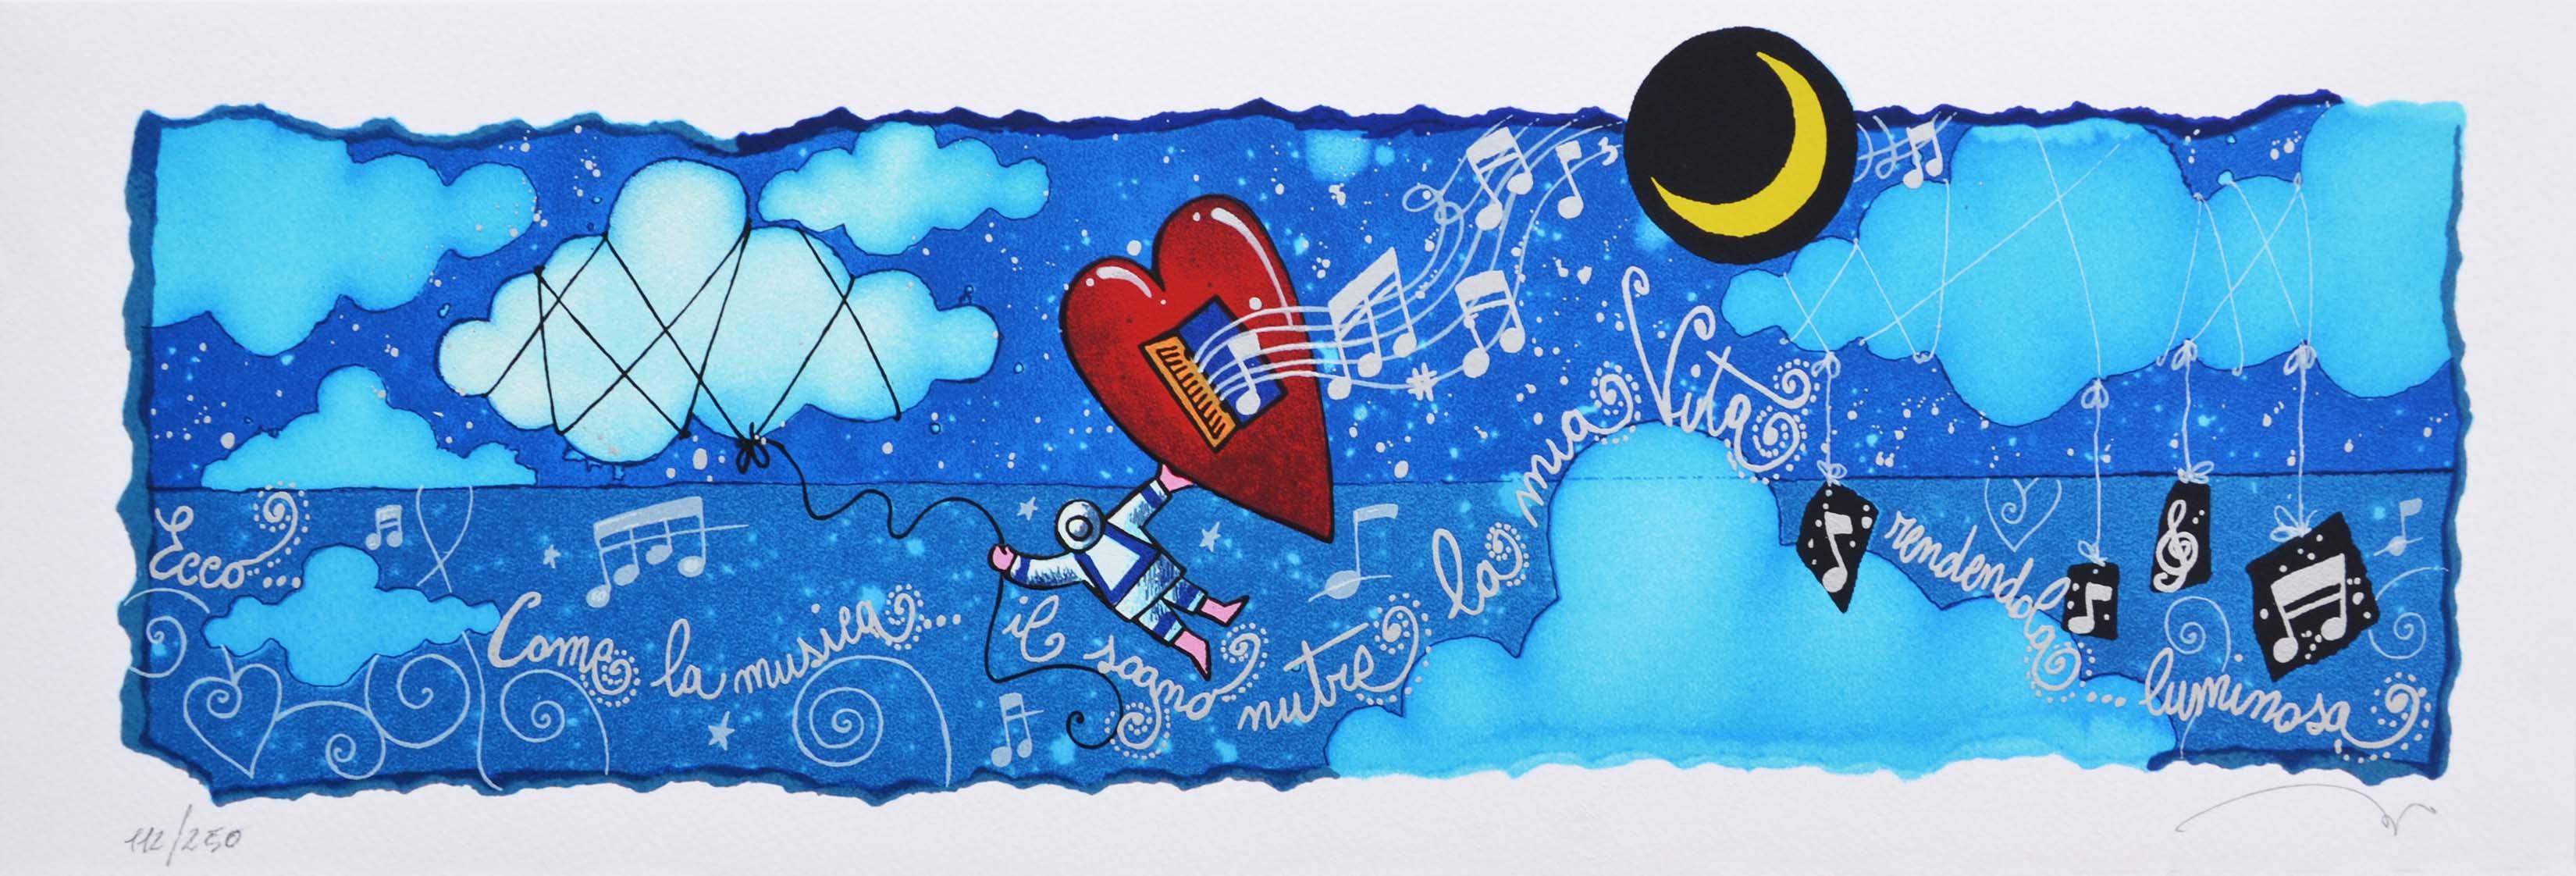 Andrea Agostini  Serigrafia Come la musica Formato cm 17.5x50